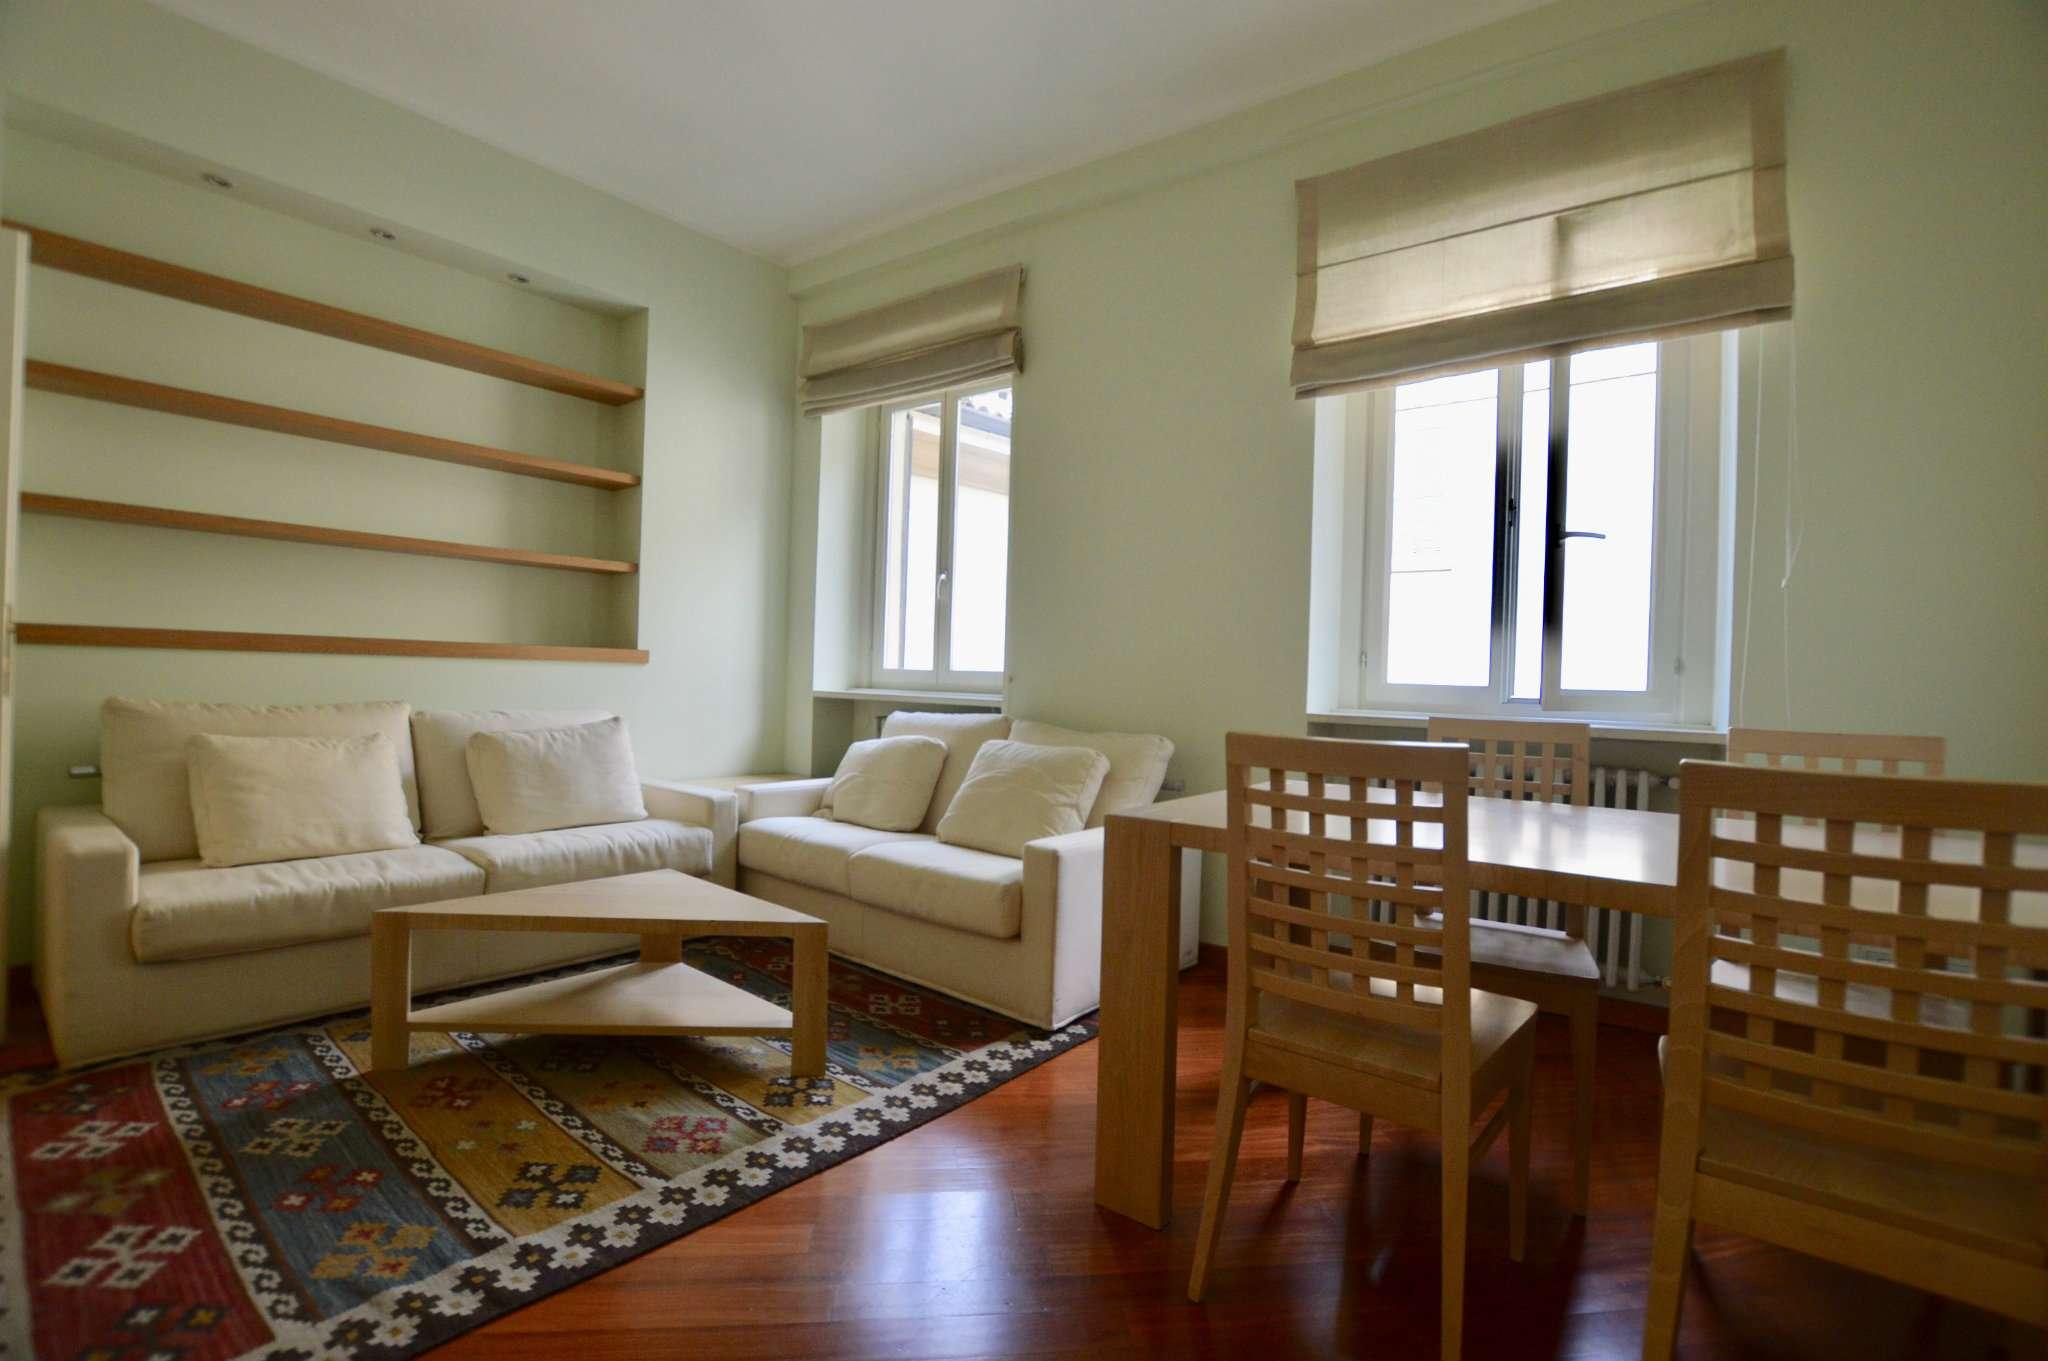 Appartamento in Affitto a Milano 01 Centro storico (Cerchia dei Navigli): 2 locali, 60 mq